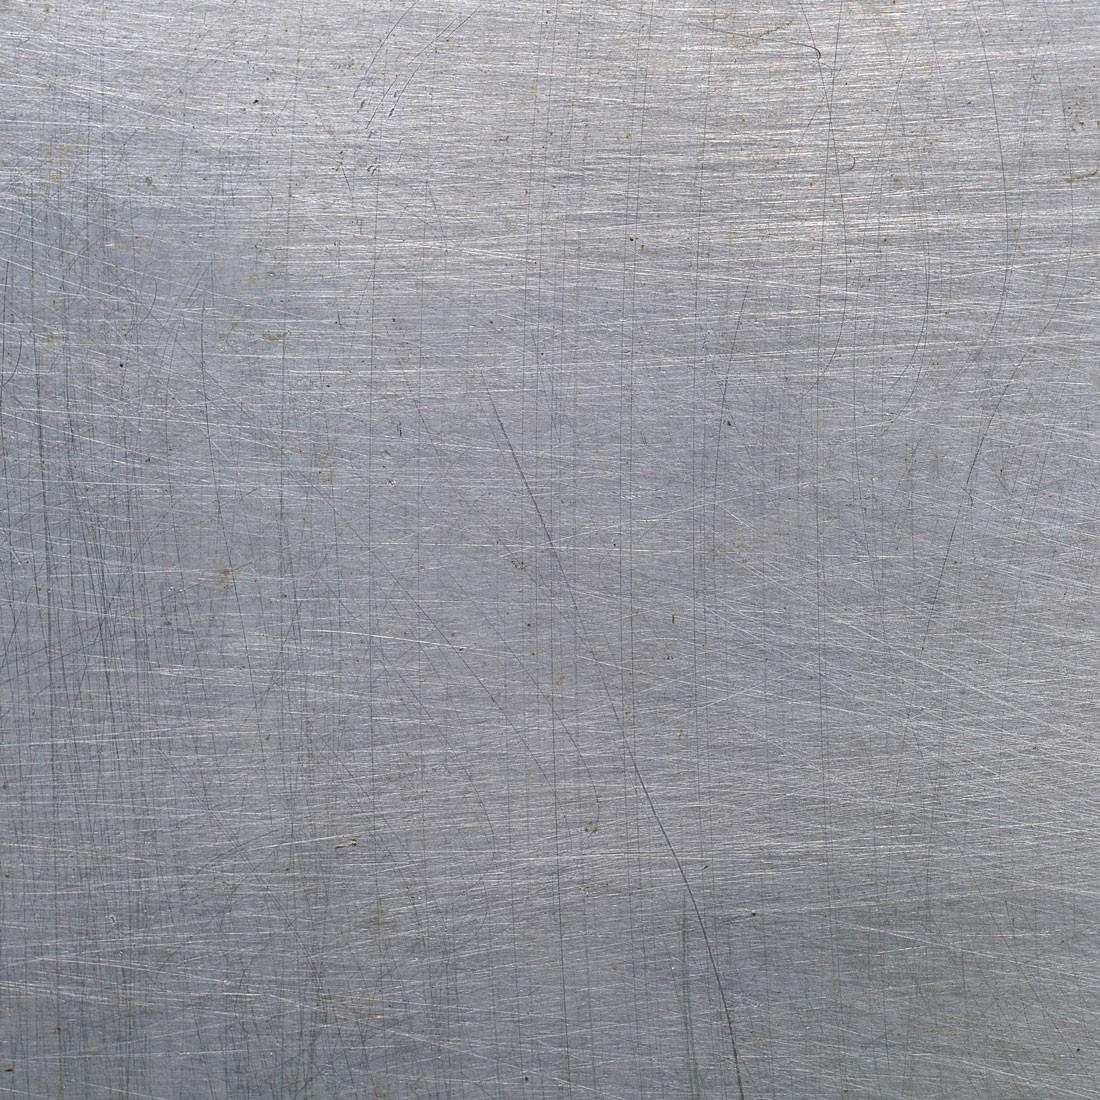 Delta Table Aluminum Delta Tables